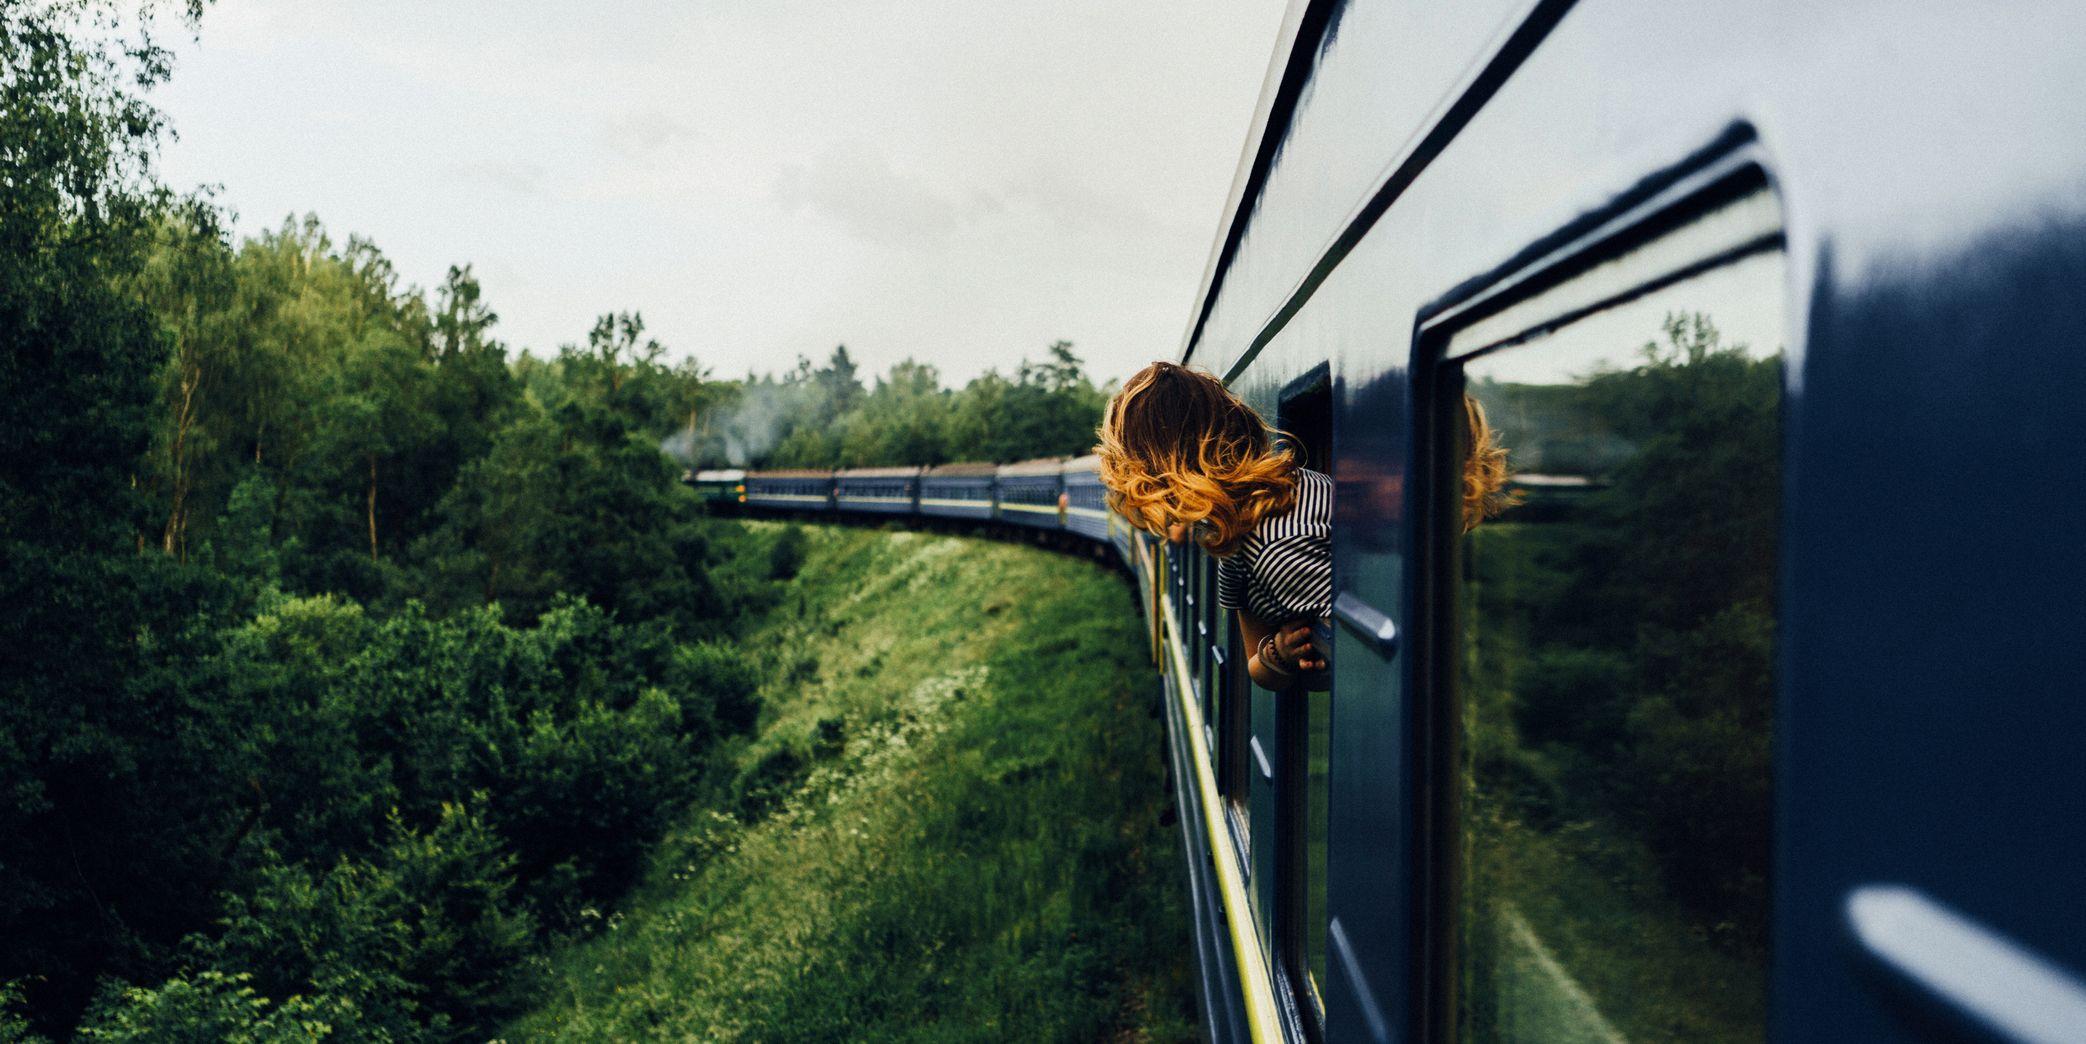 scenic train rides